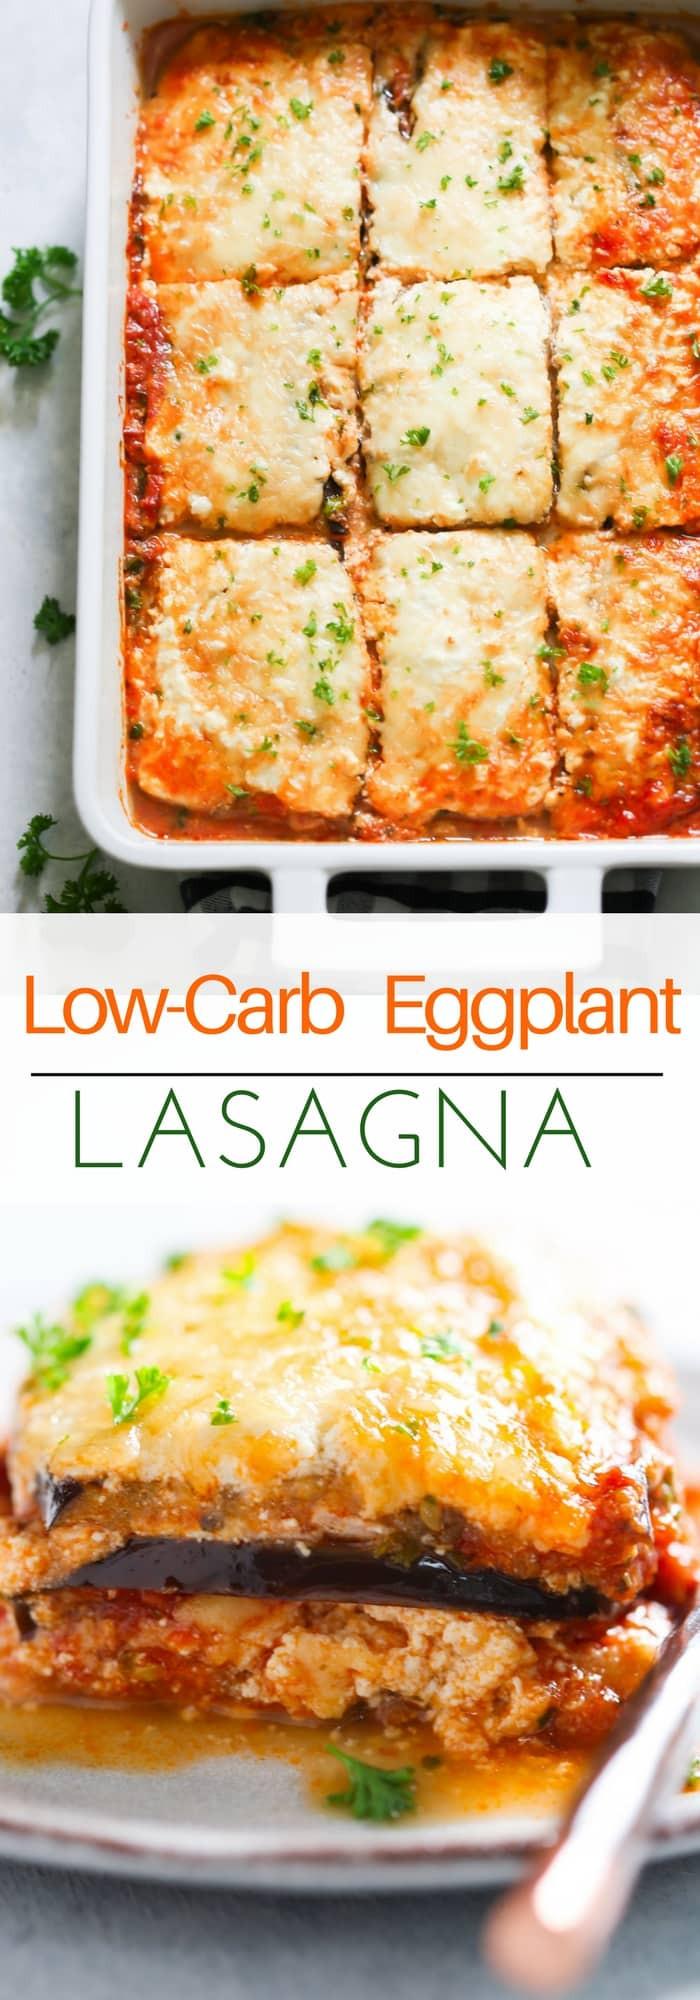 Low Carb Eggplant Recipes  Low carb Eggplant Lasagna Recipe Video Primavera Kitchen